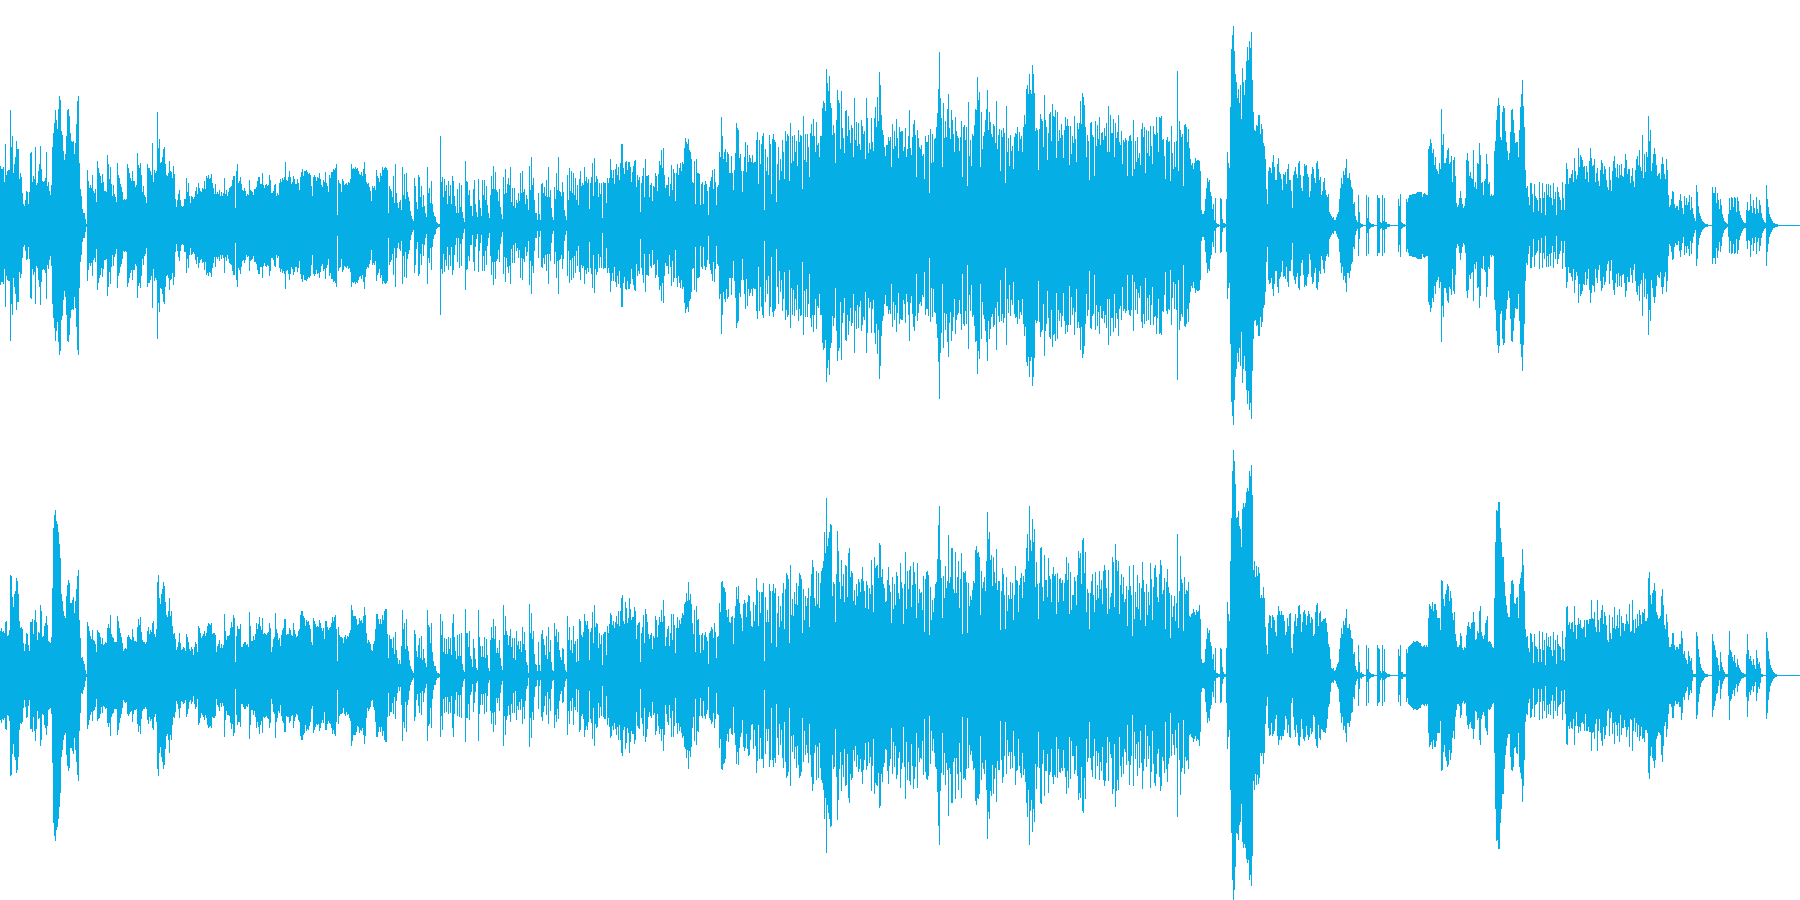 クラッシック風のアンサンブルの再生済みの波形